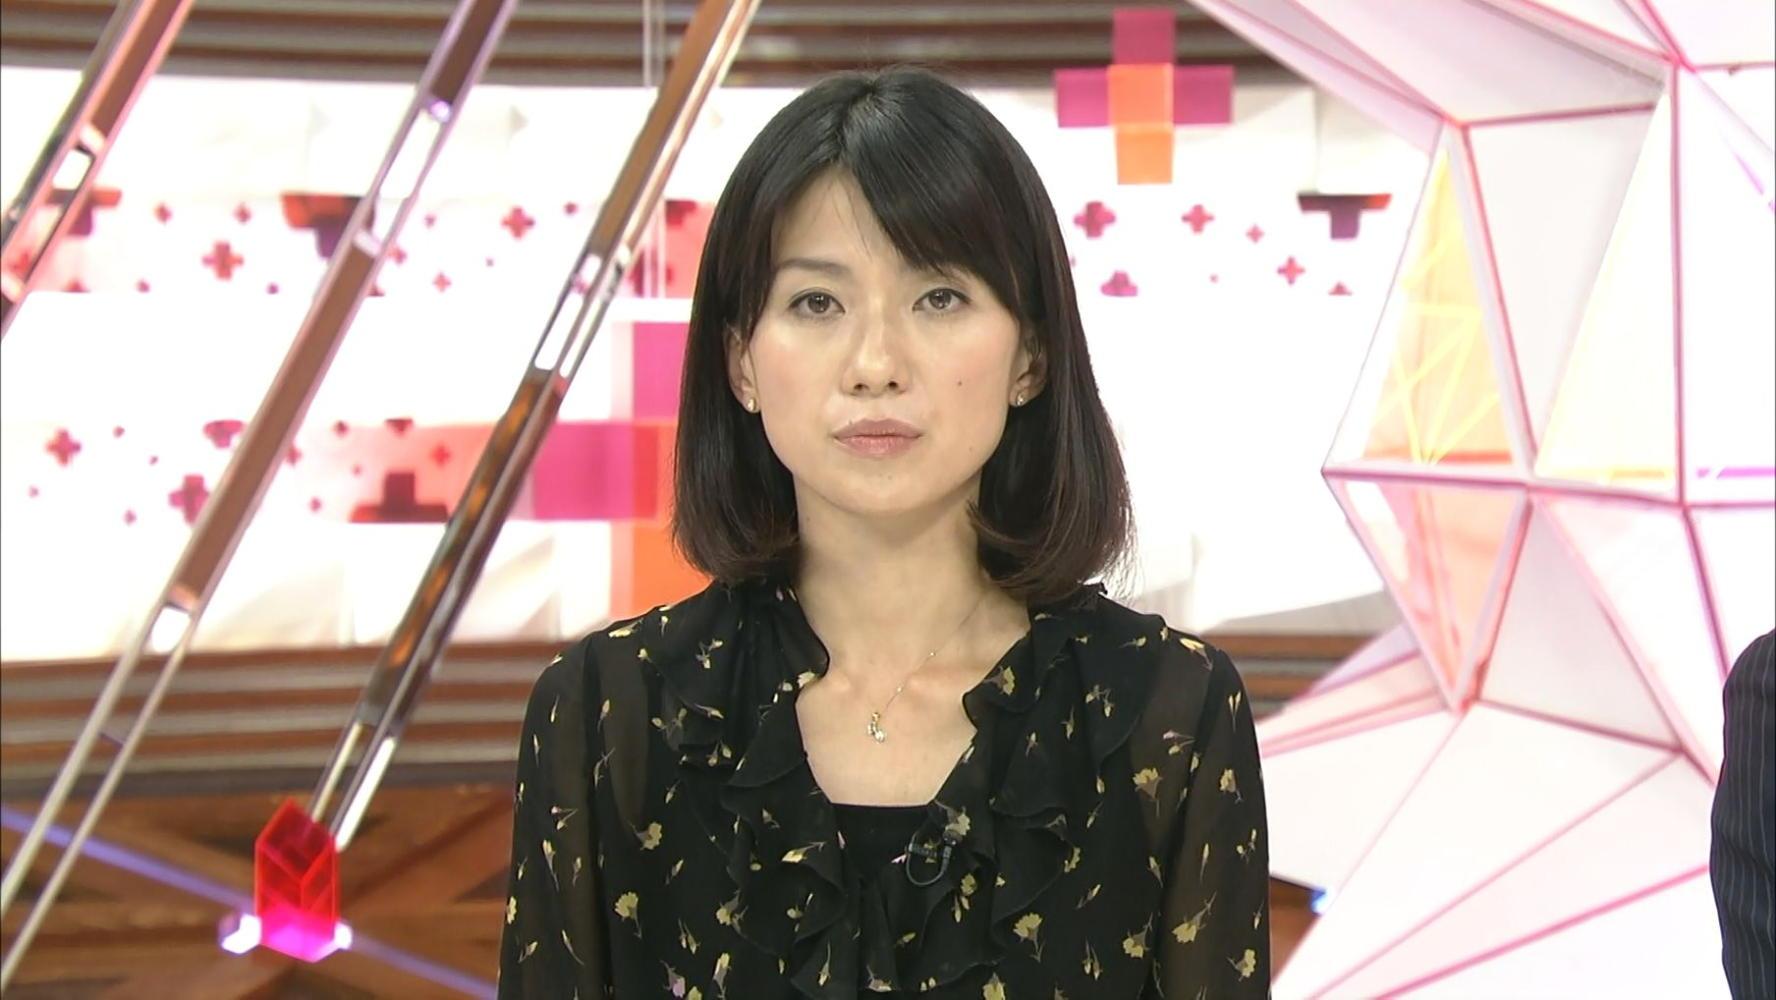 梅津弥英子 スーパーニュース 13/09/15 : 女子アナキャプでも貼って ...